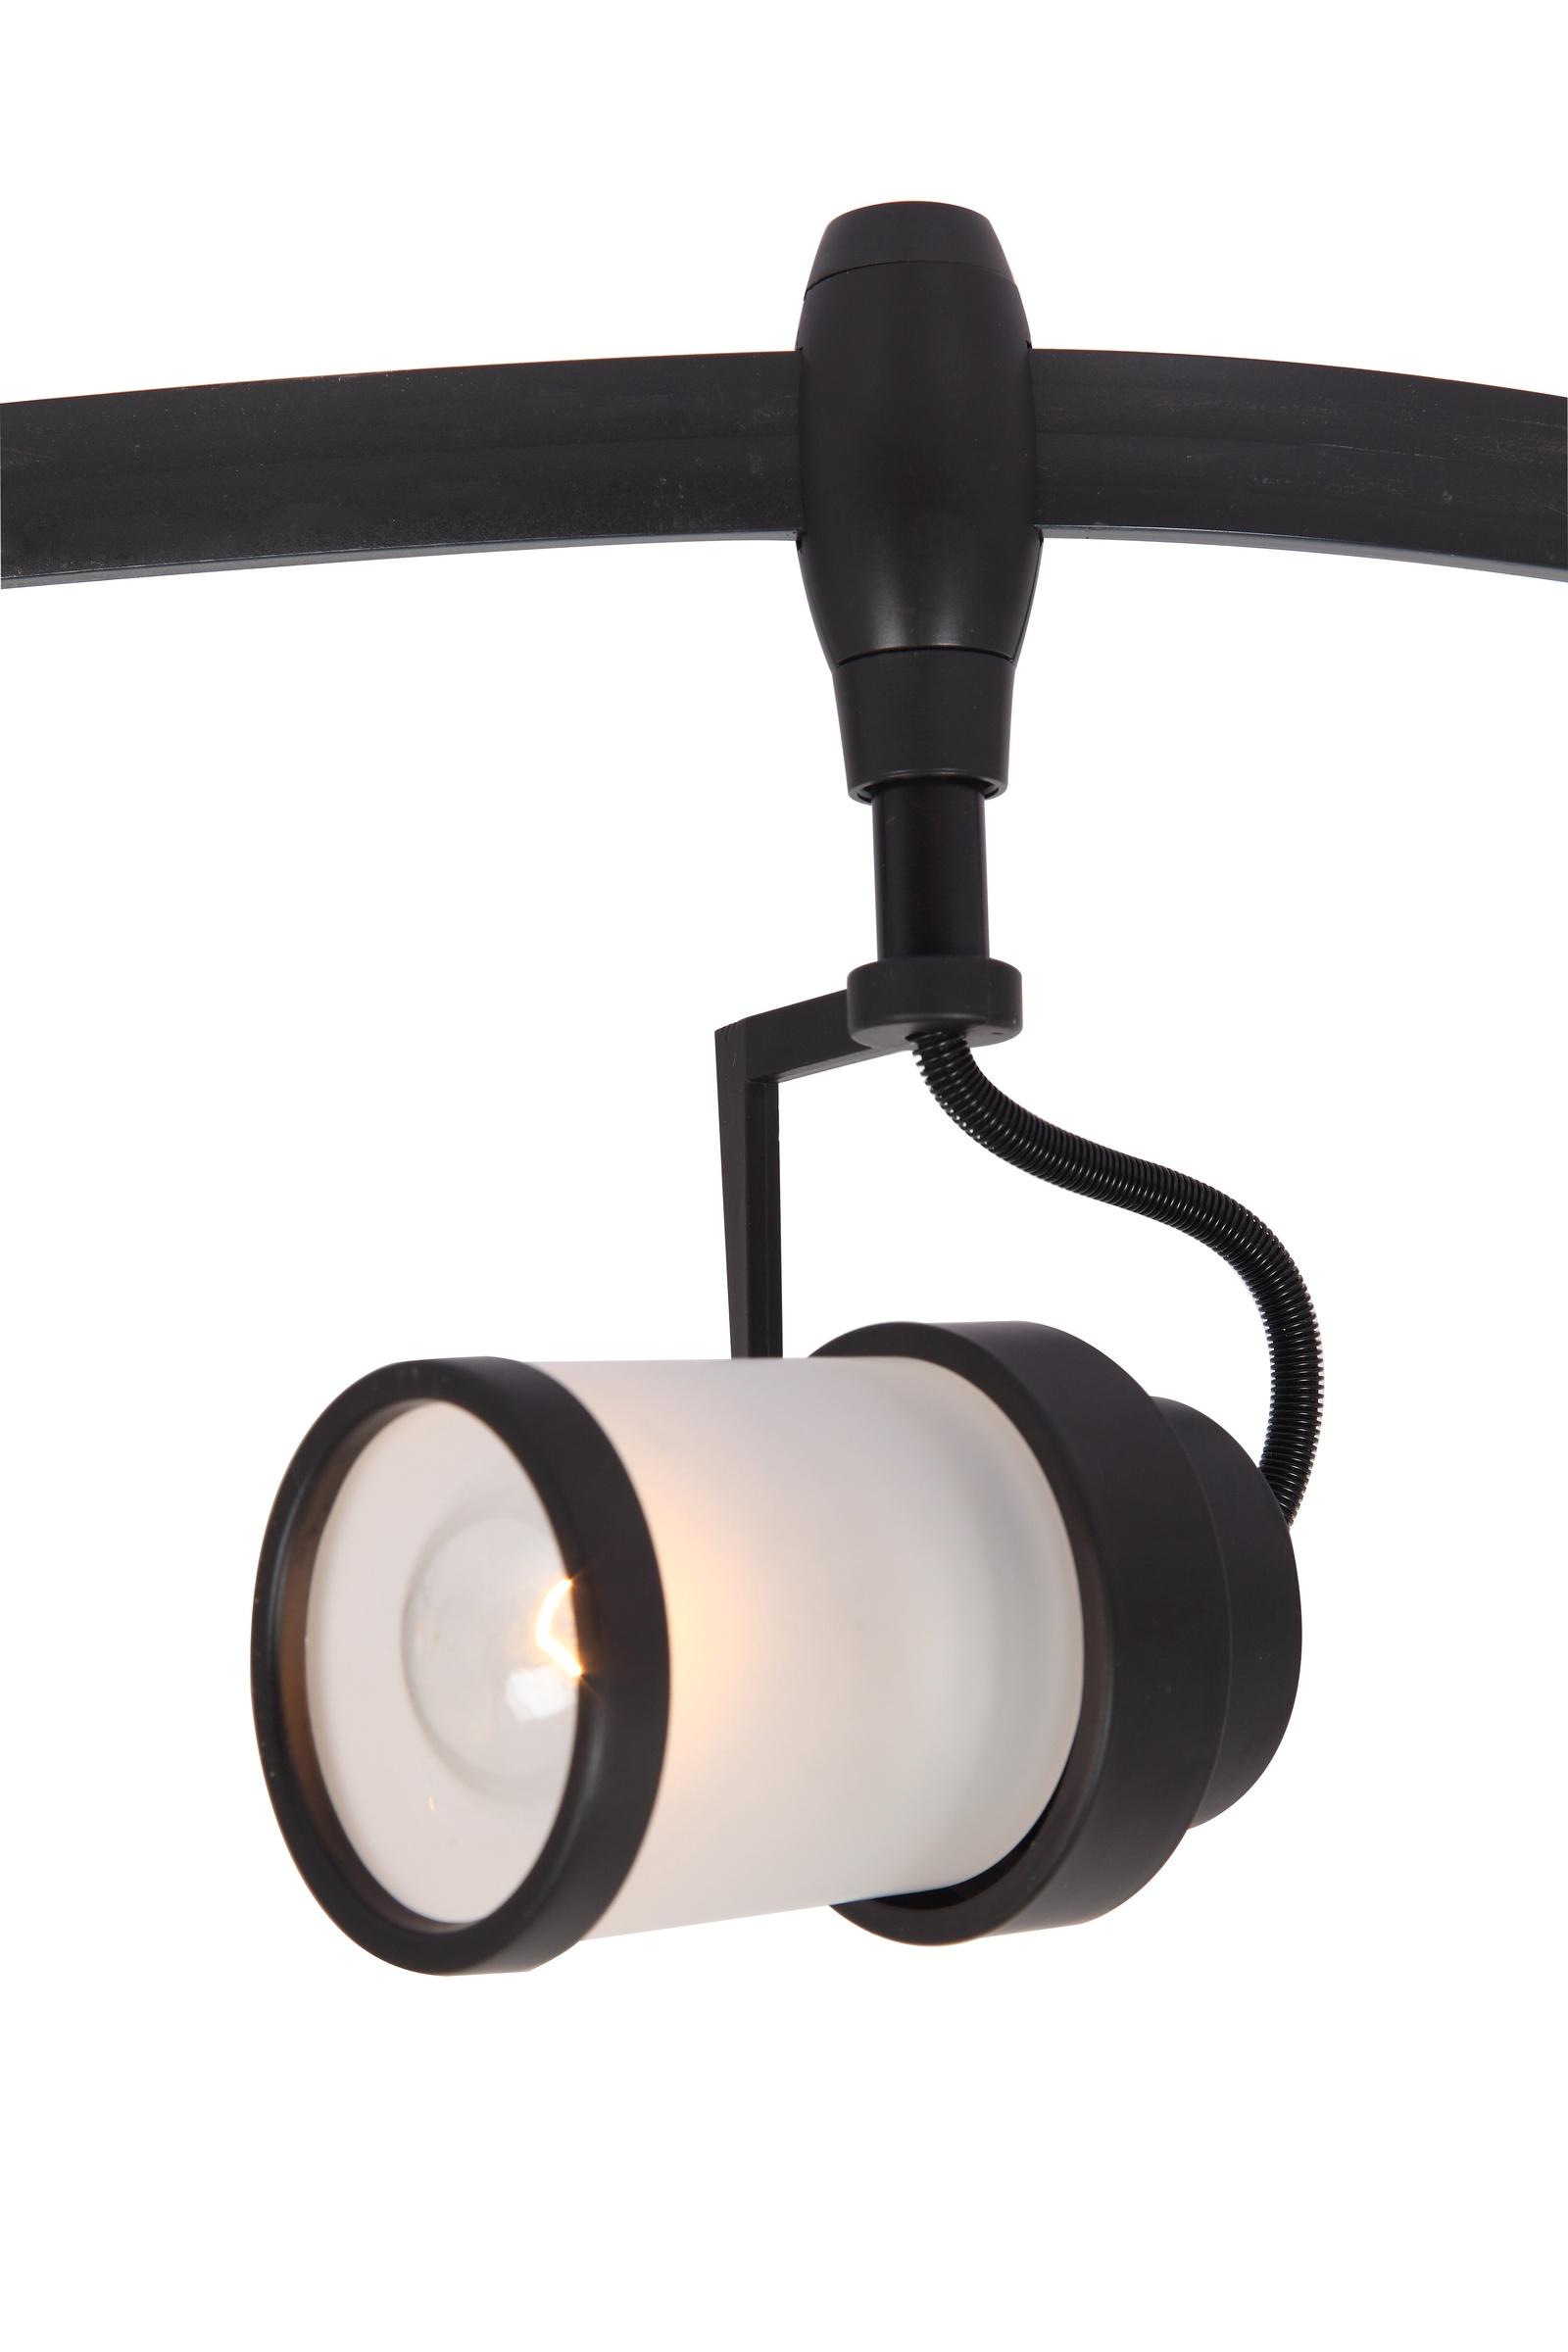 Настенно-потолочный светильник Arte Lamp A3056PL-1BK, E14, 40 Вт